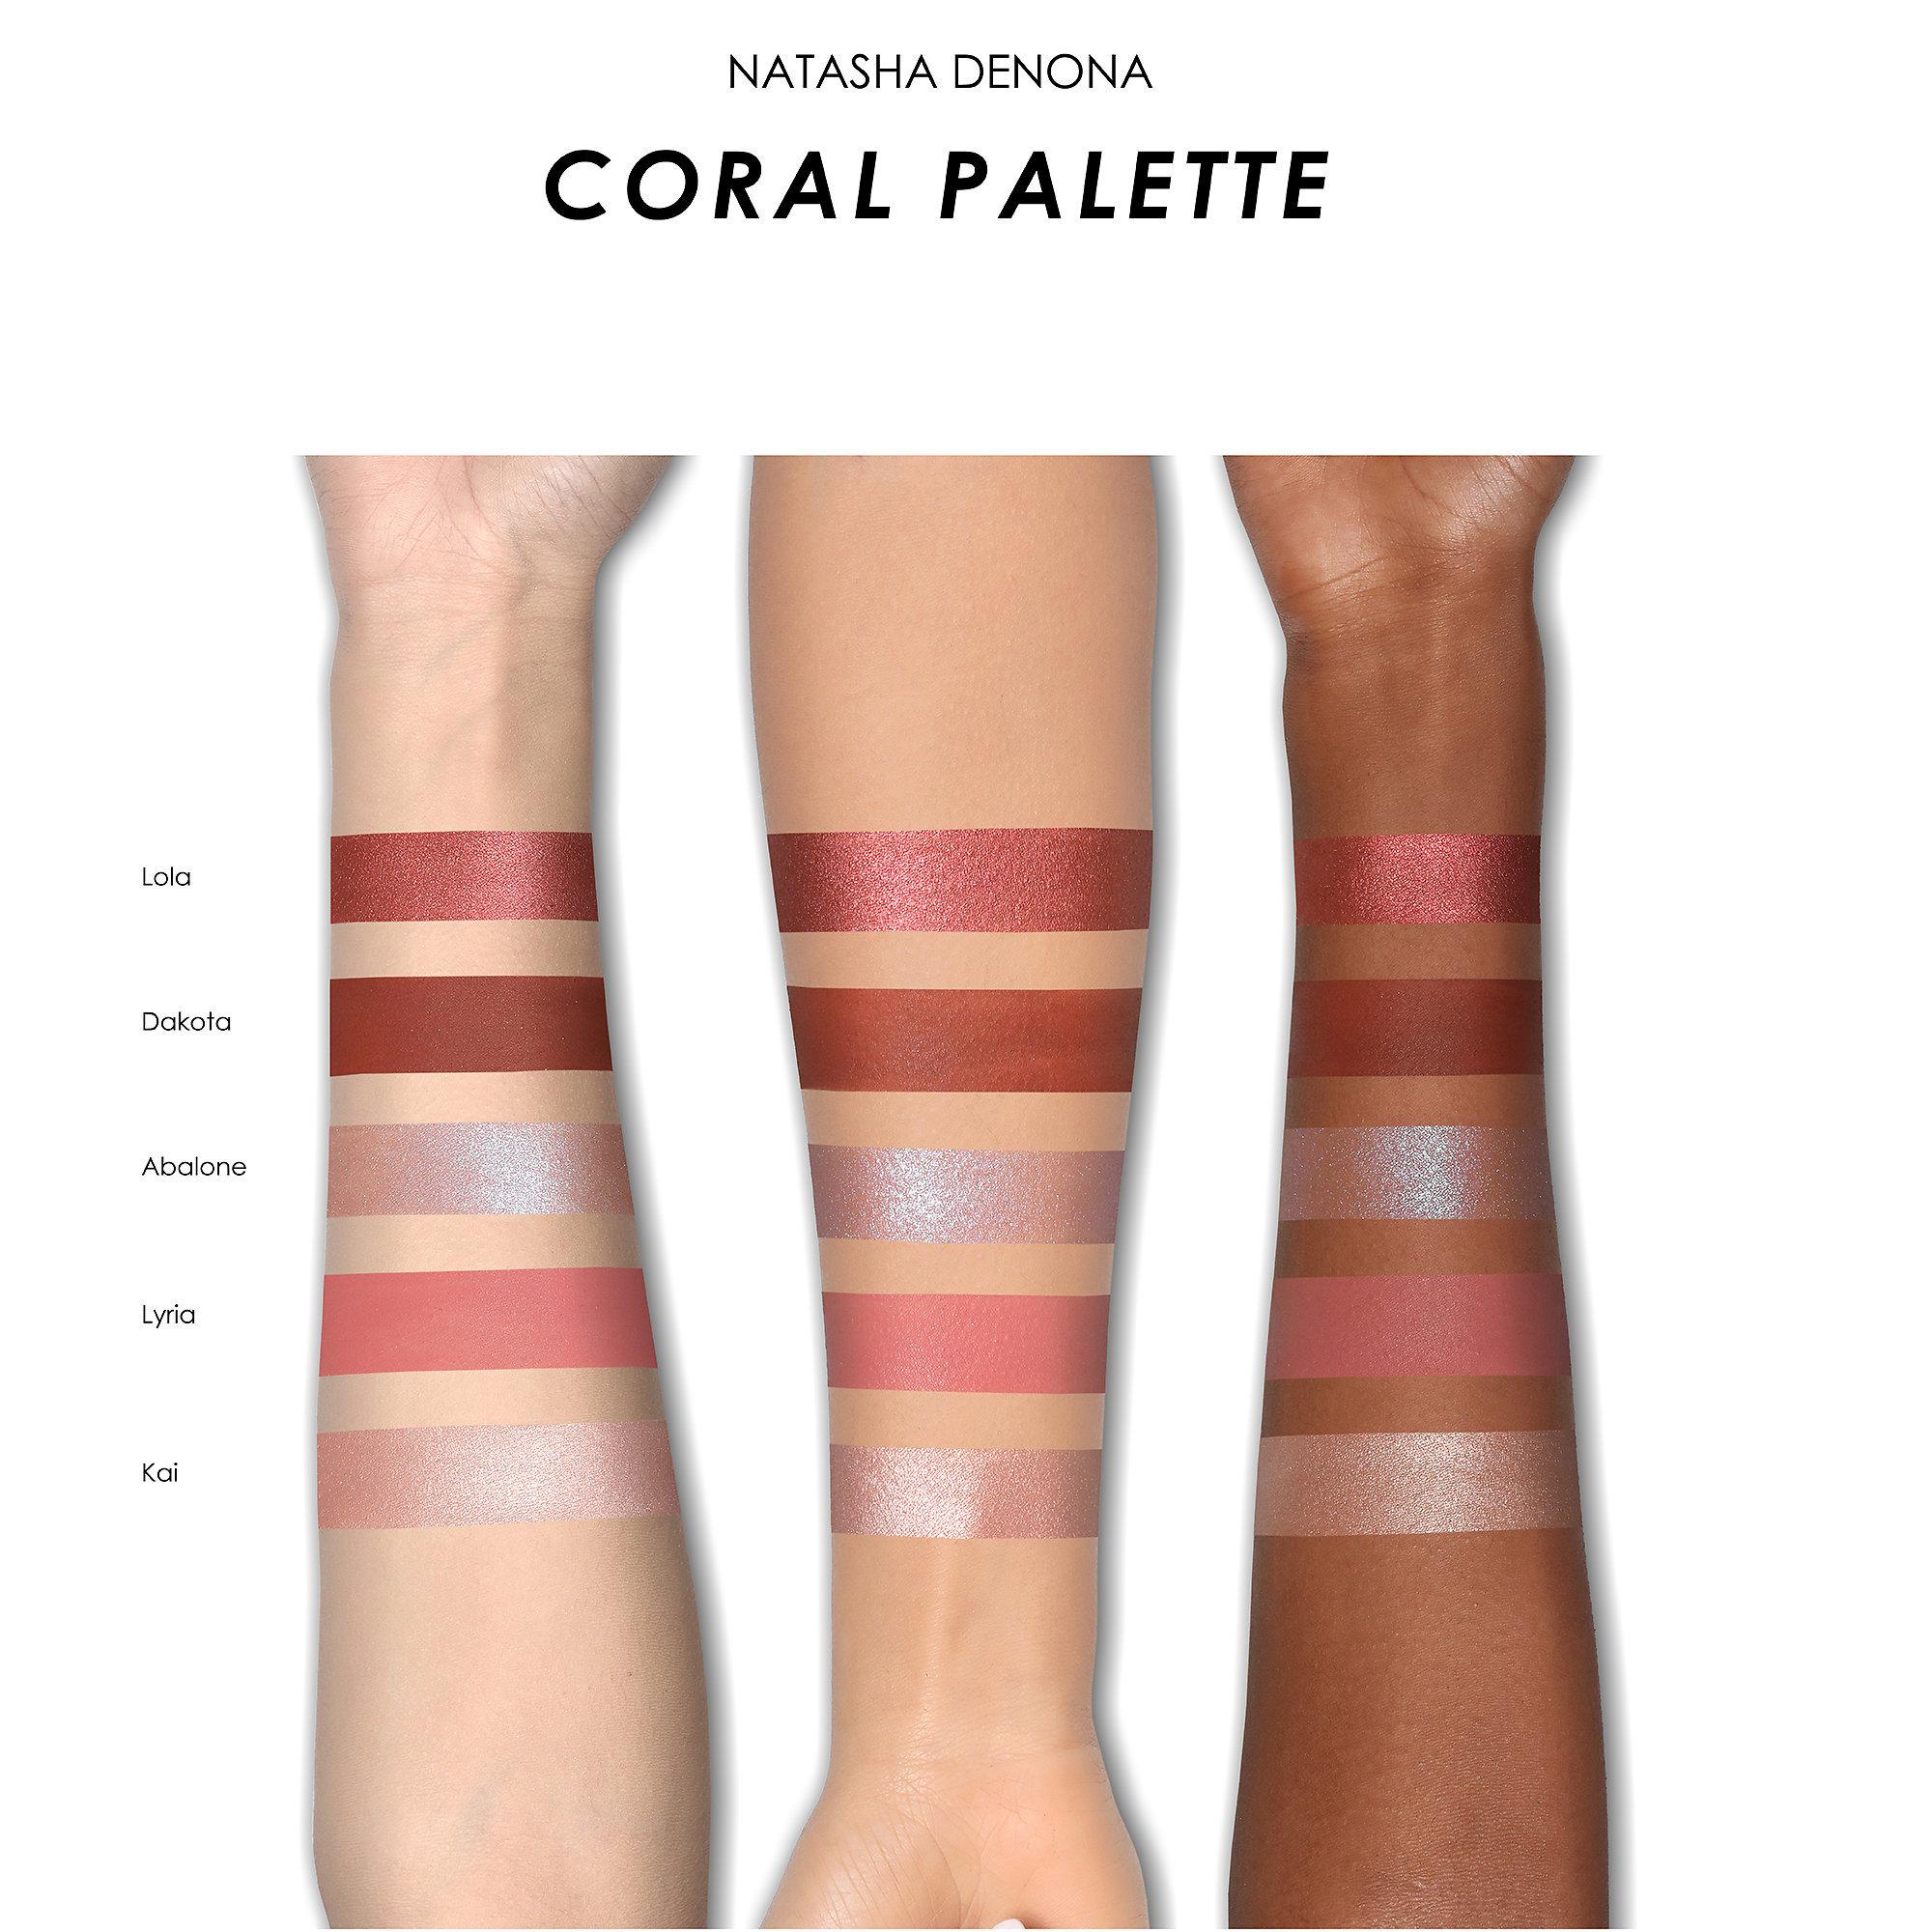 Natasha Denona Coral palette